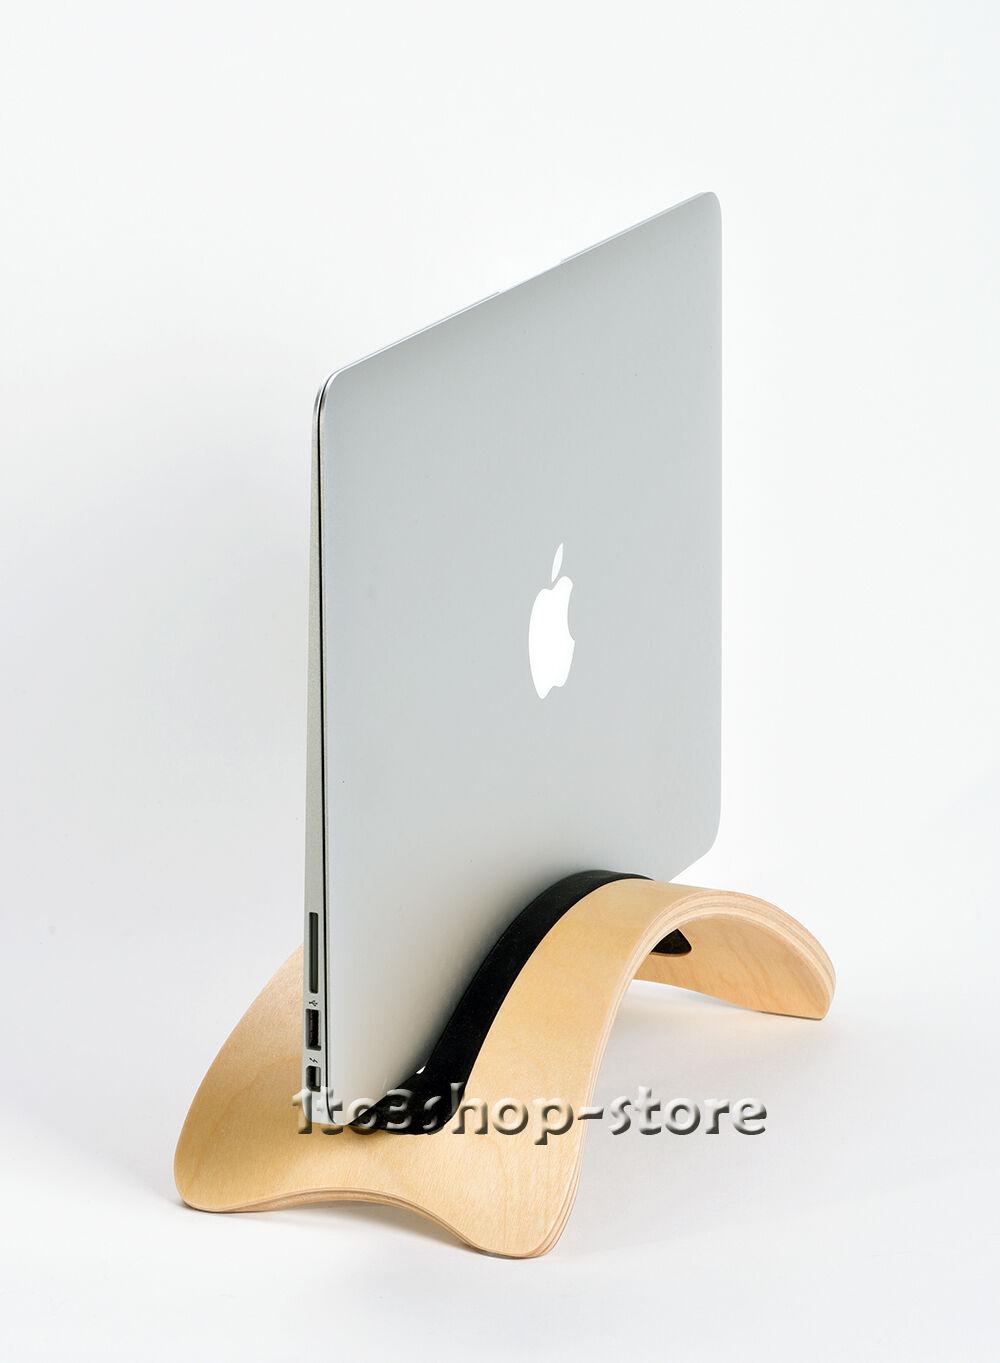 how to clean macbook air display